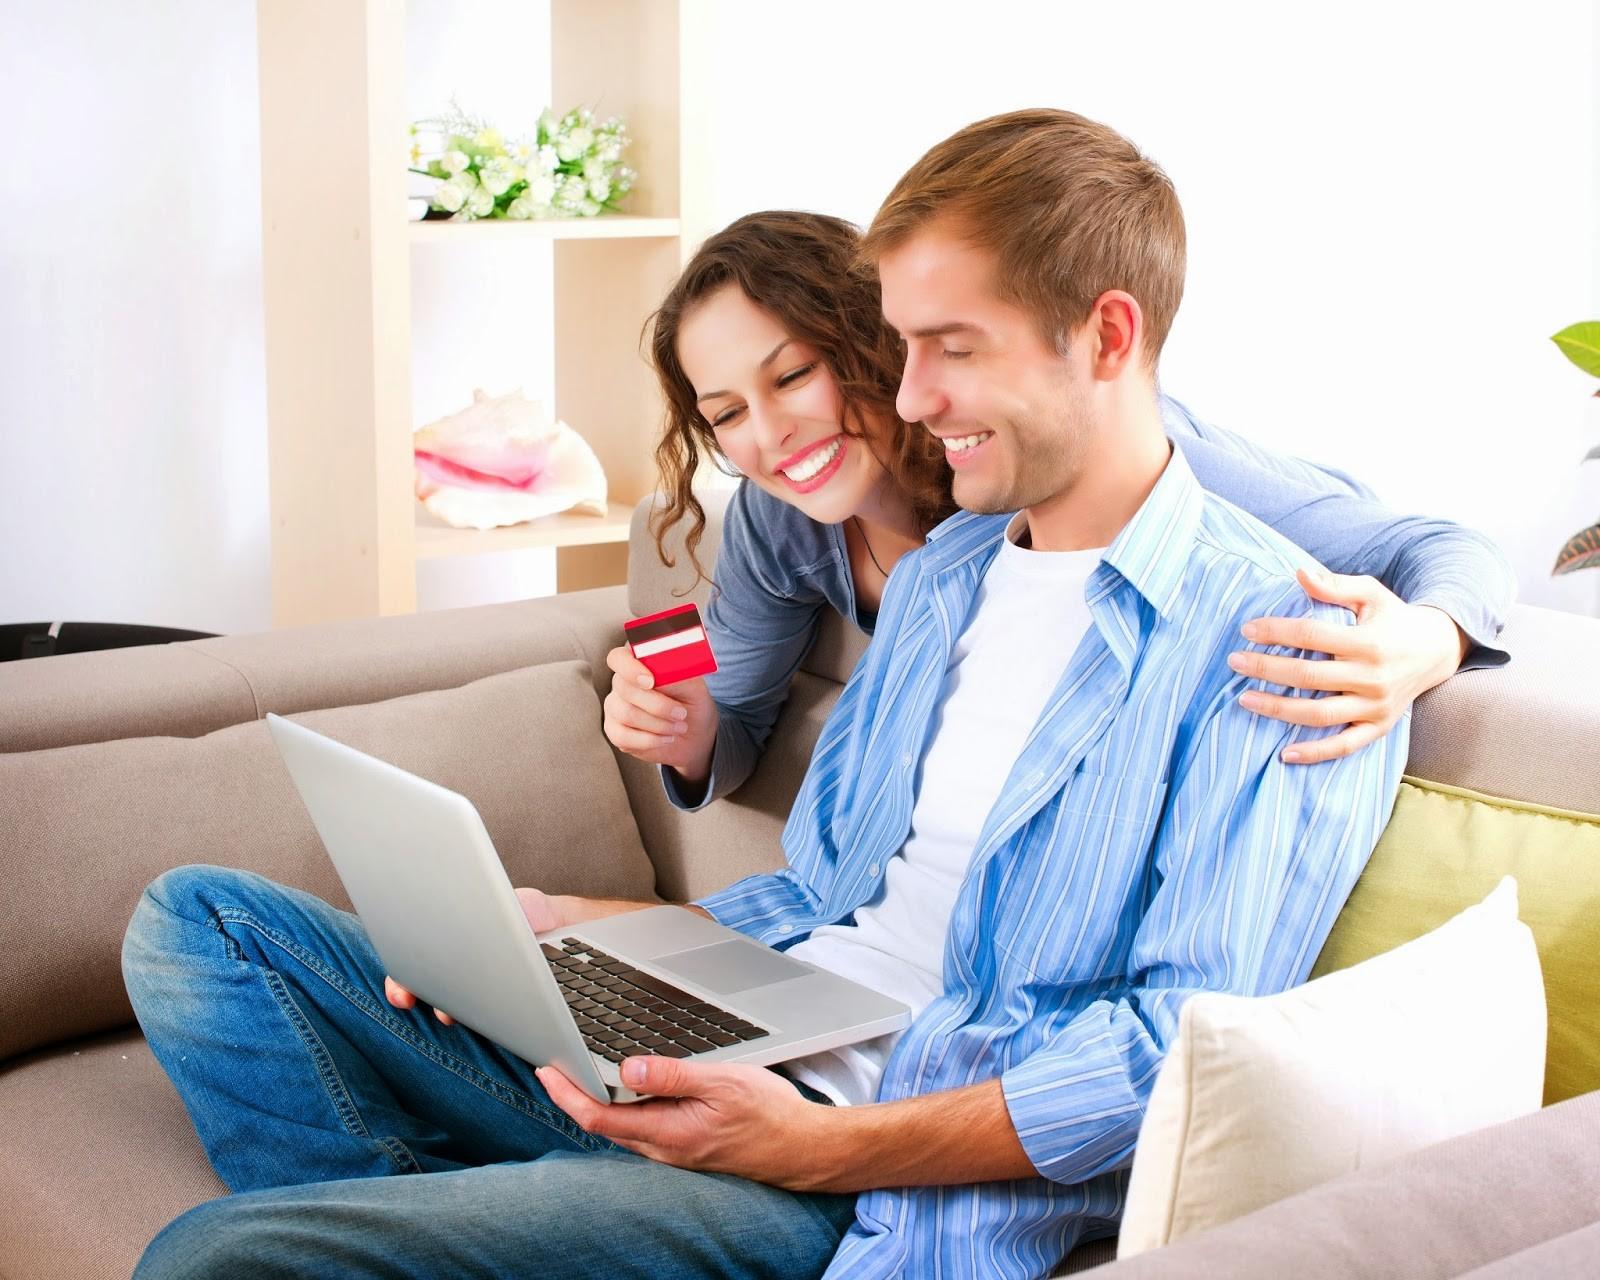 Парень и девушка сидят на диване с ноутбуком